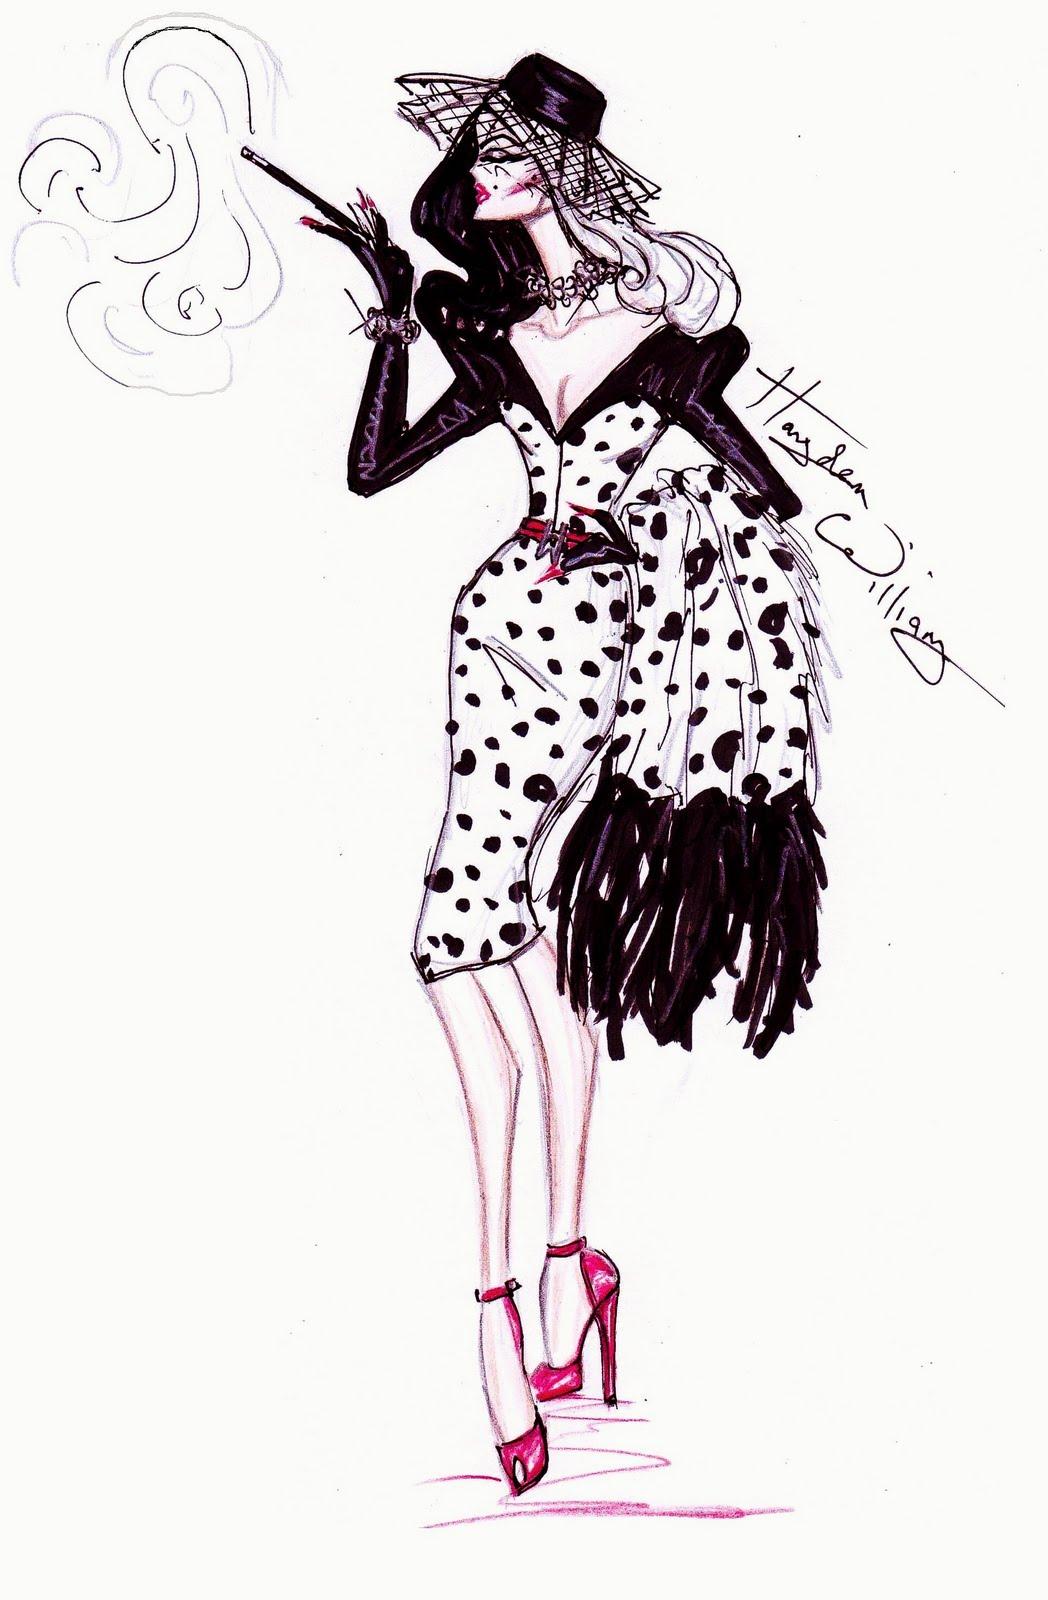 Cruella de vil fashion 68